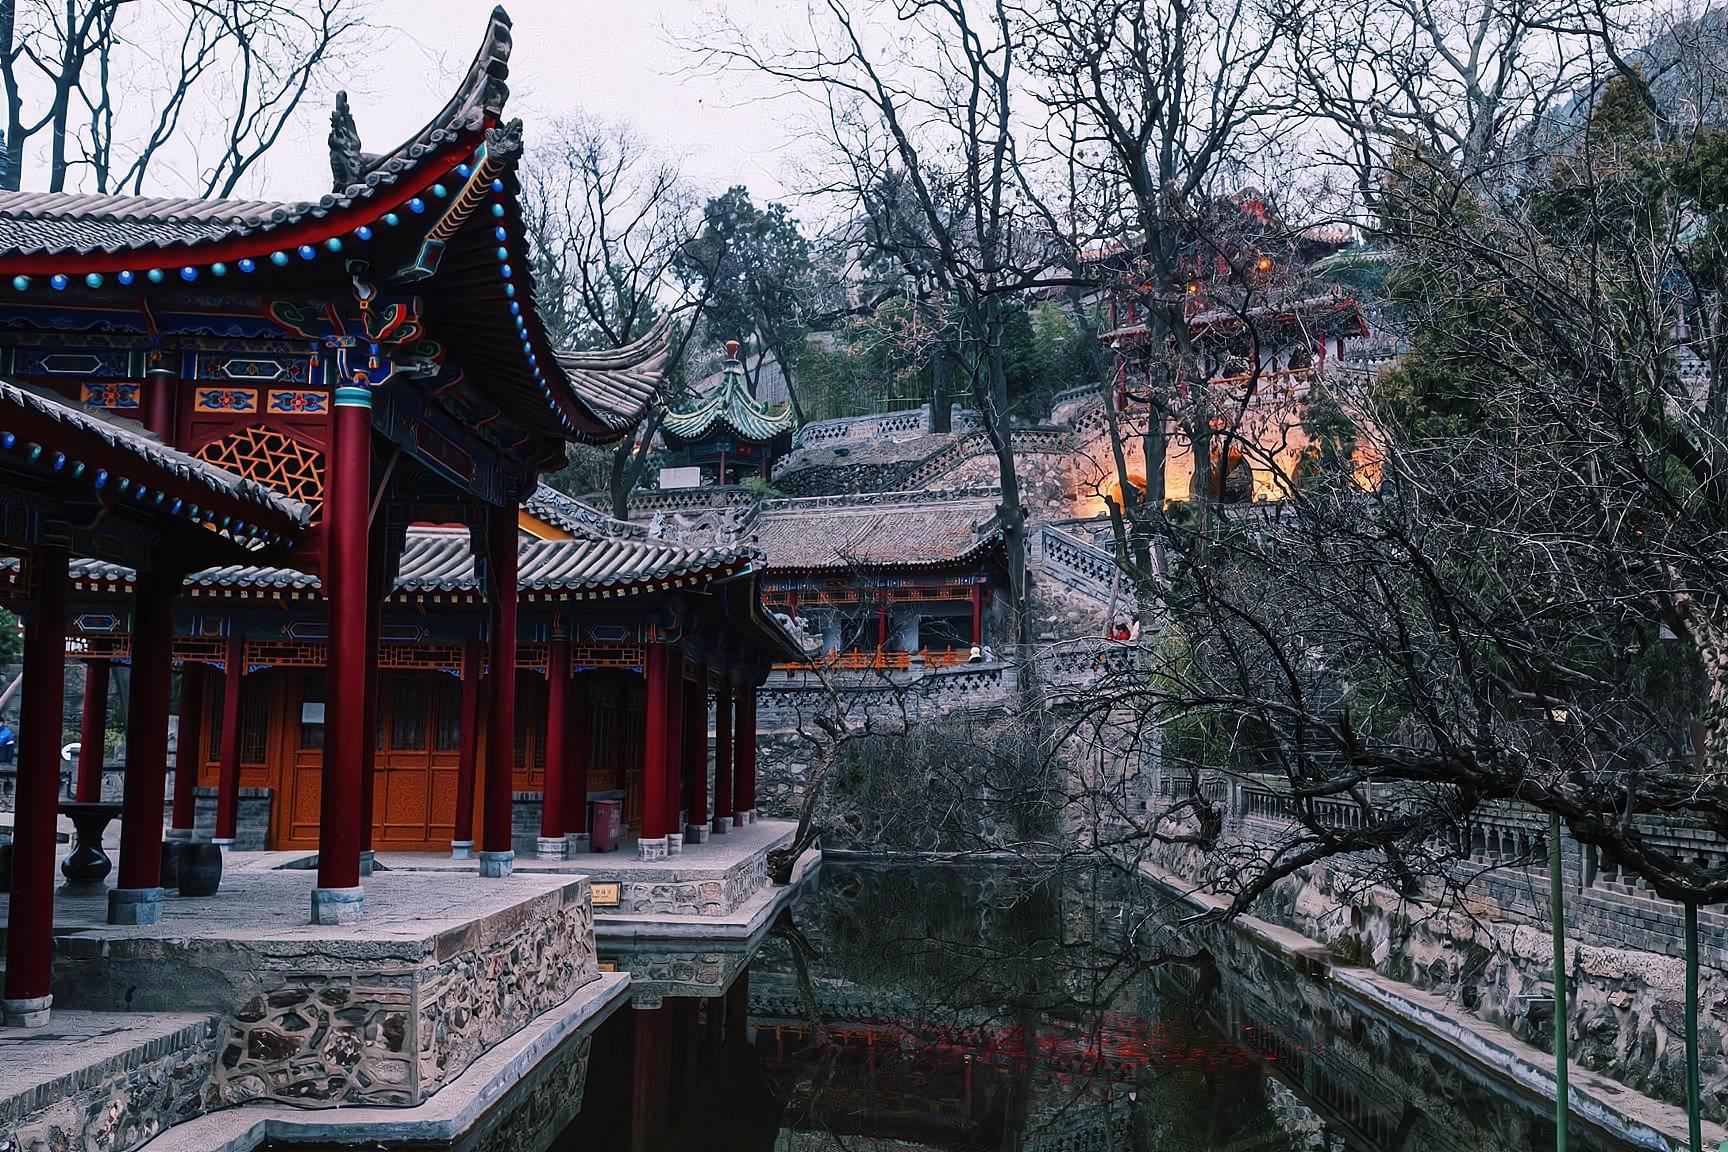 原创             西安临潼华清池,与北京颐和园齐名的皇家园林,门票120值吗?